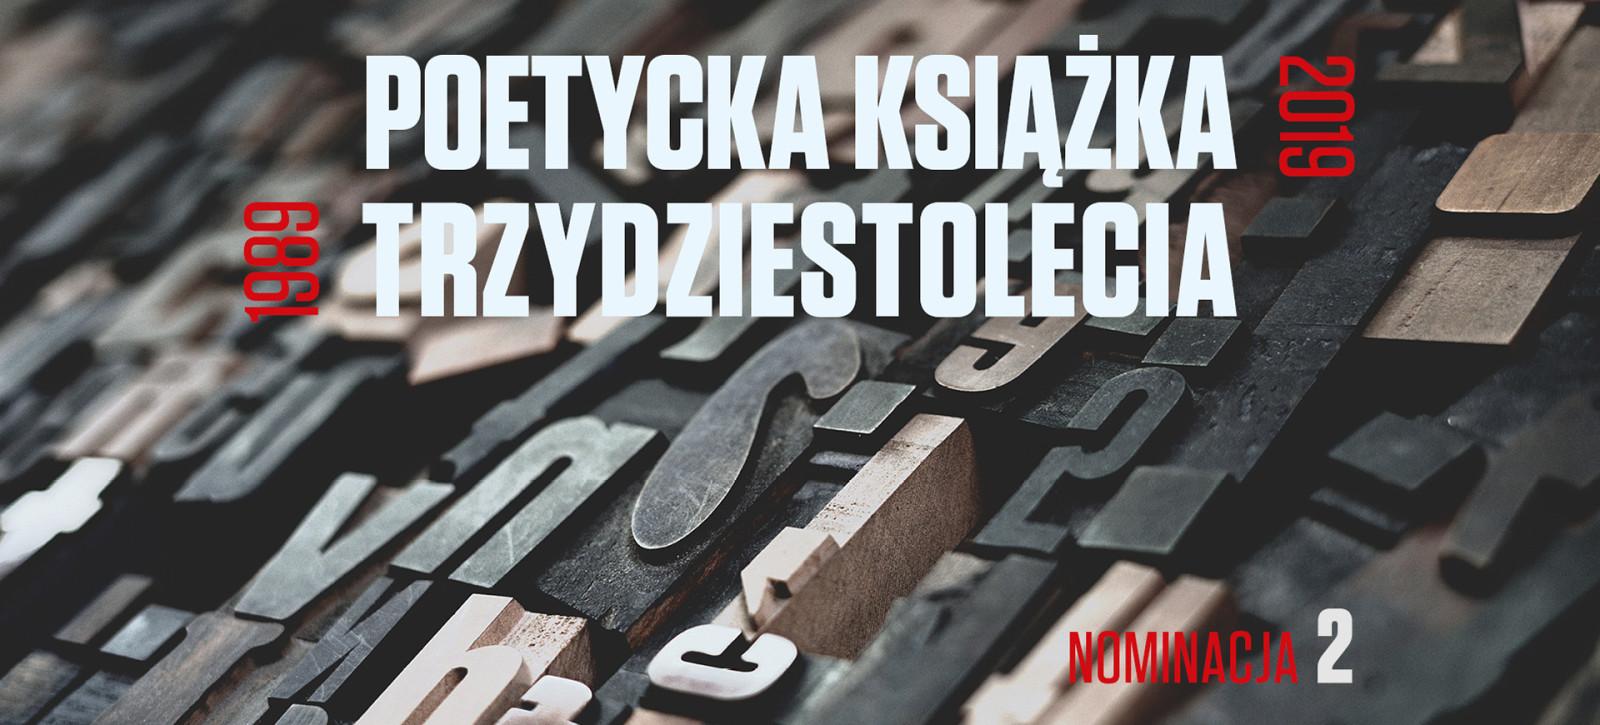 15_DEBATY__Adam POPRAWA__Poetycka książka trzydziestolecia